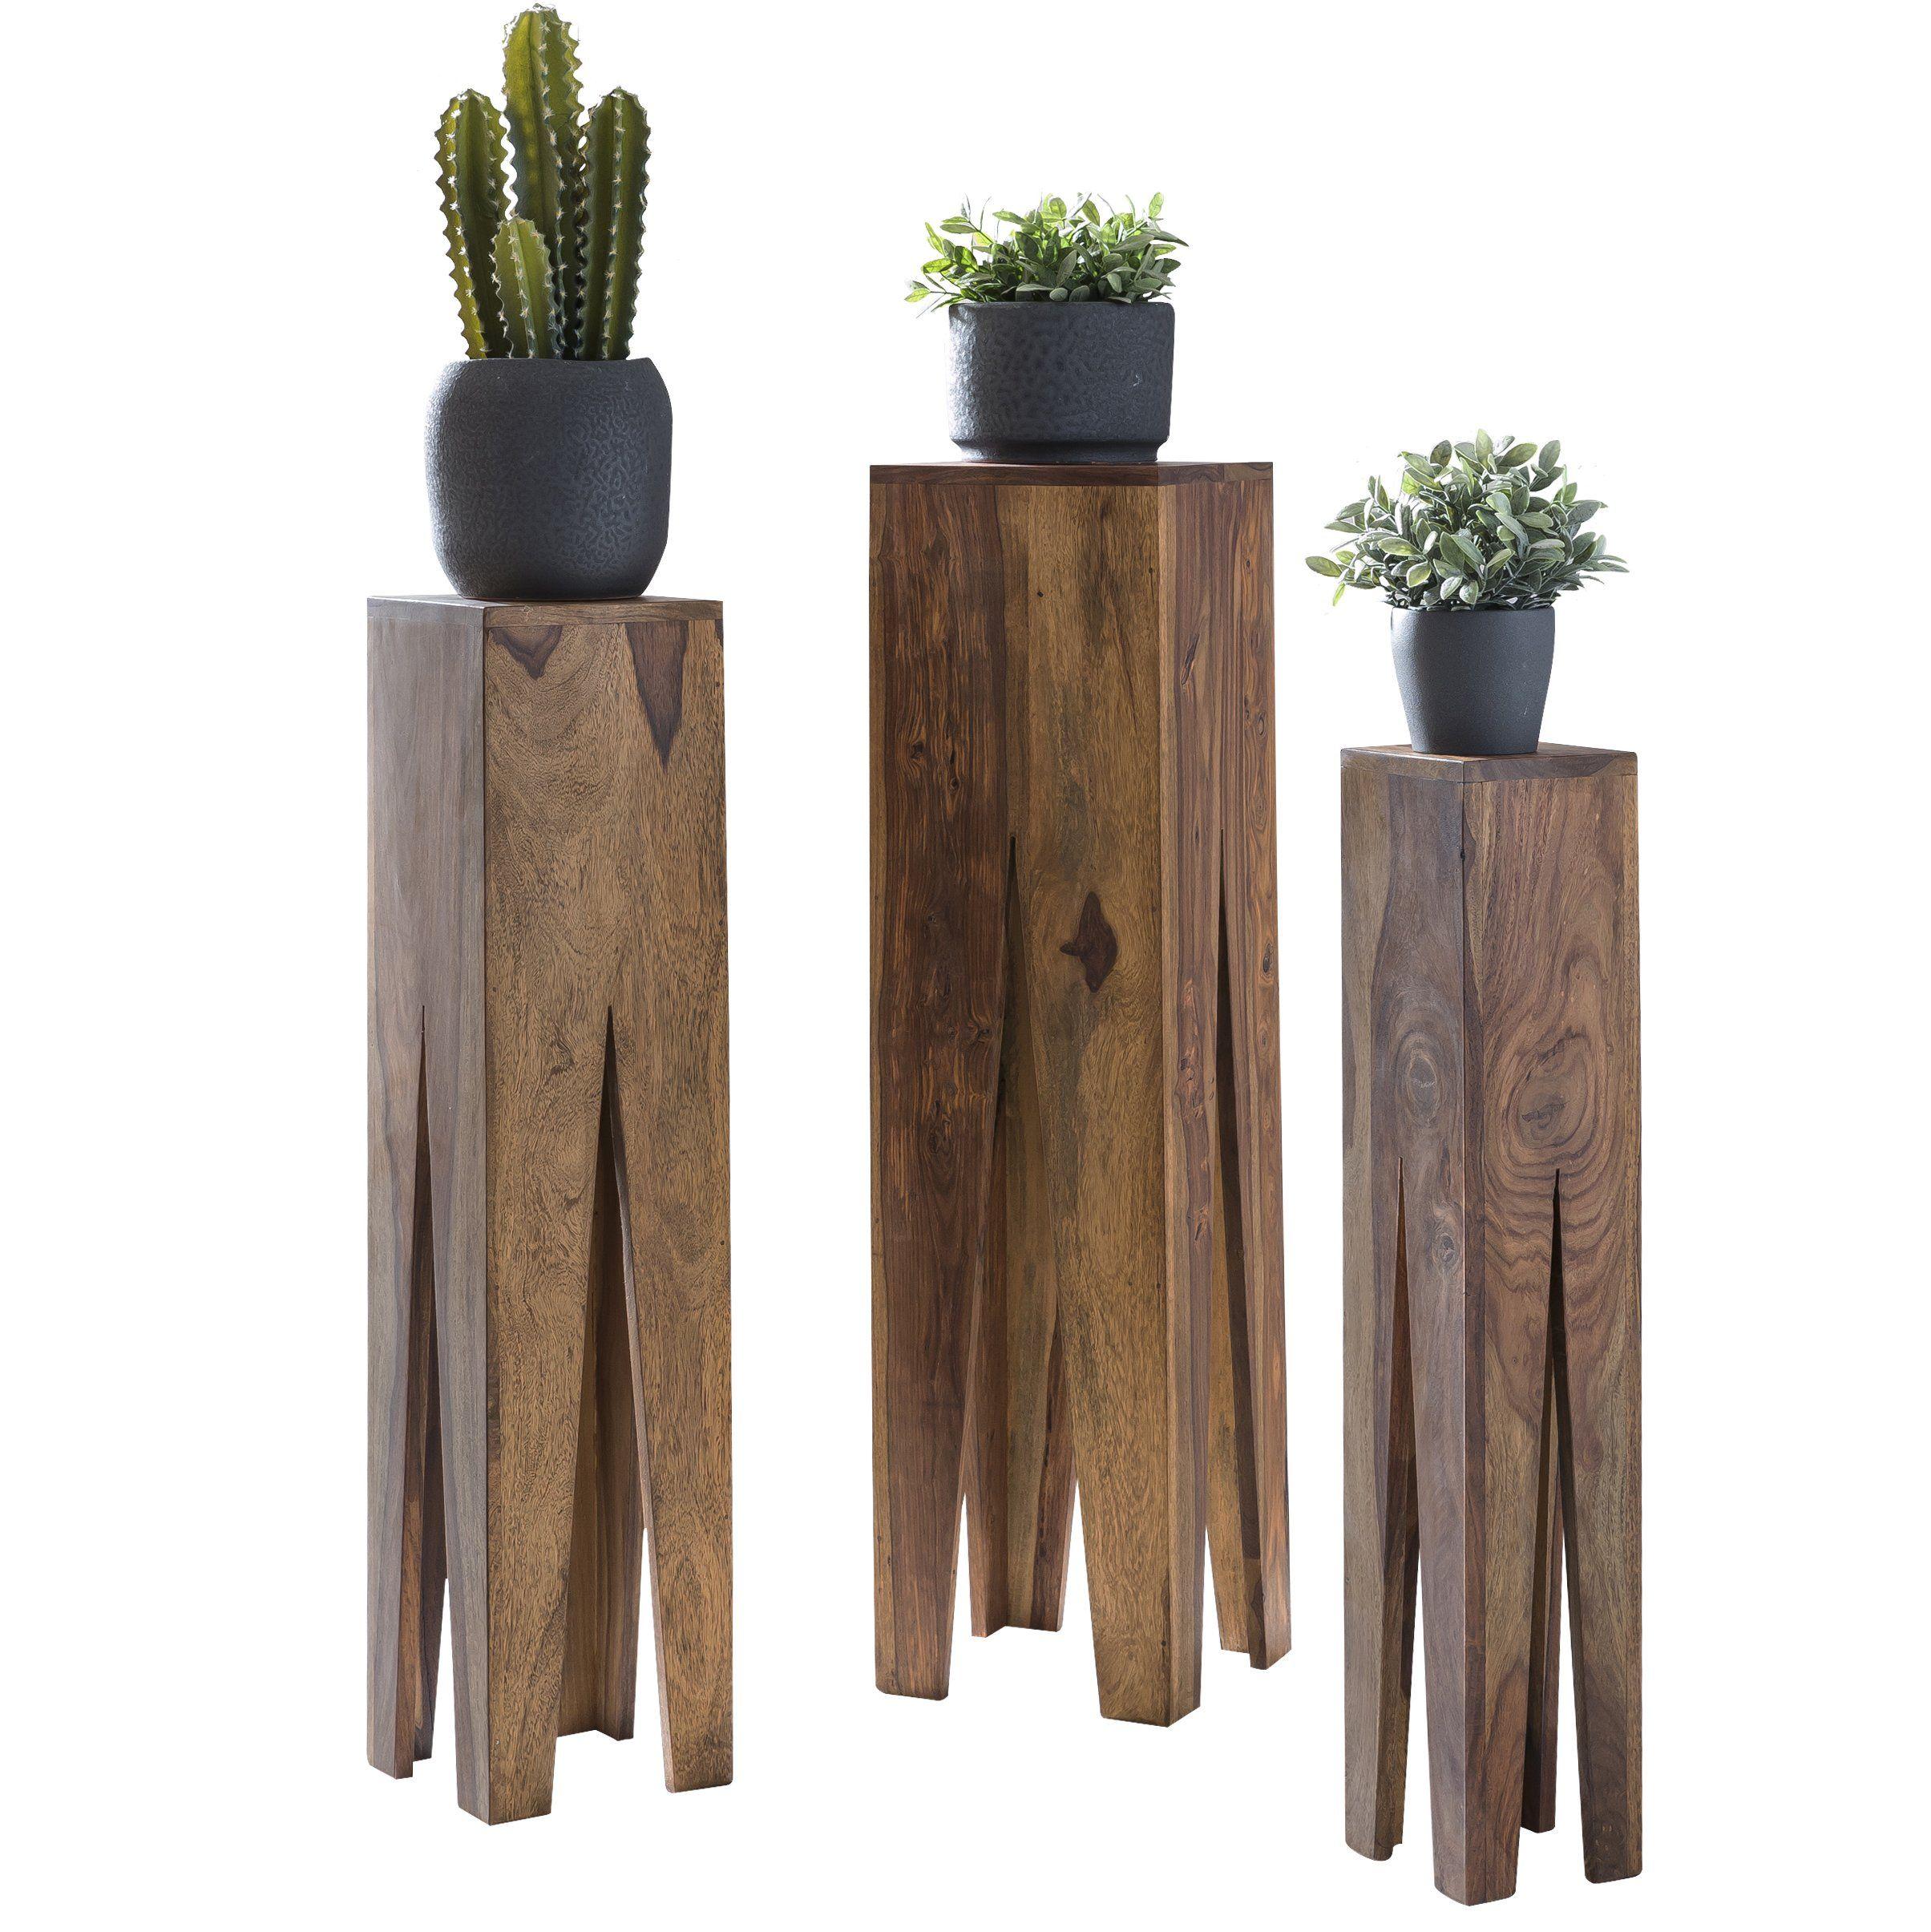 Wohnling Beistelltisch 3er Set Massivholz Sheesham Wohnzimmer Tisch Design S Ulen Landhausstil Couchtisch Quad In 2020 Holztisch Natur Couchtisch Quadratisch Holztisch